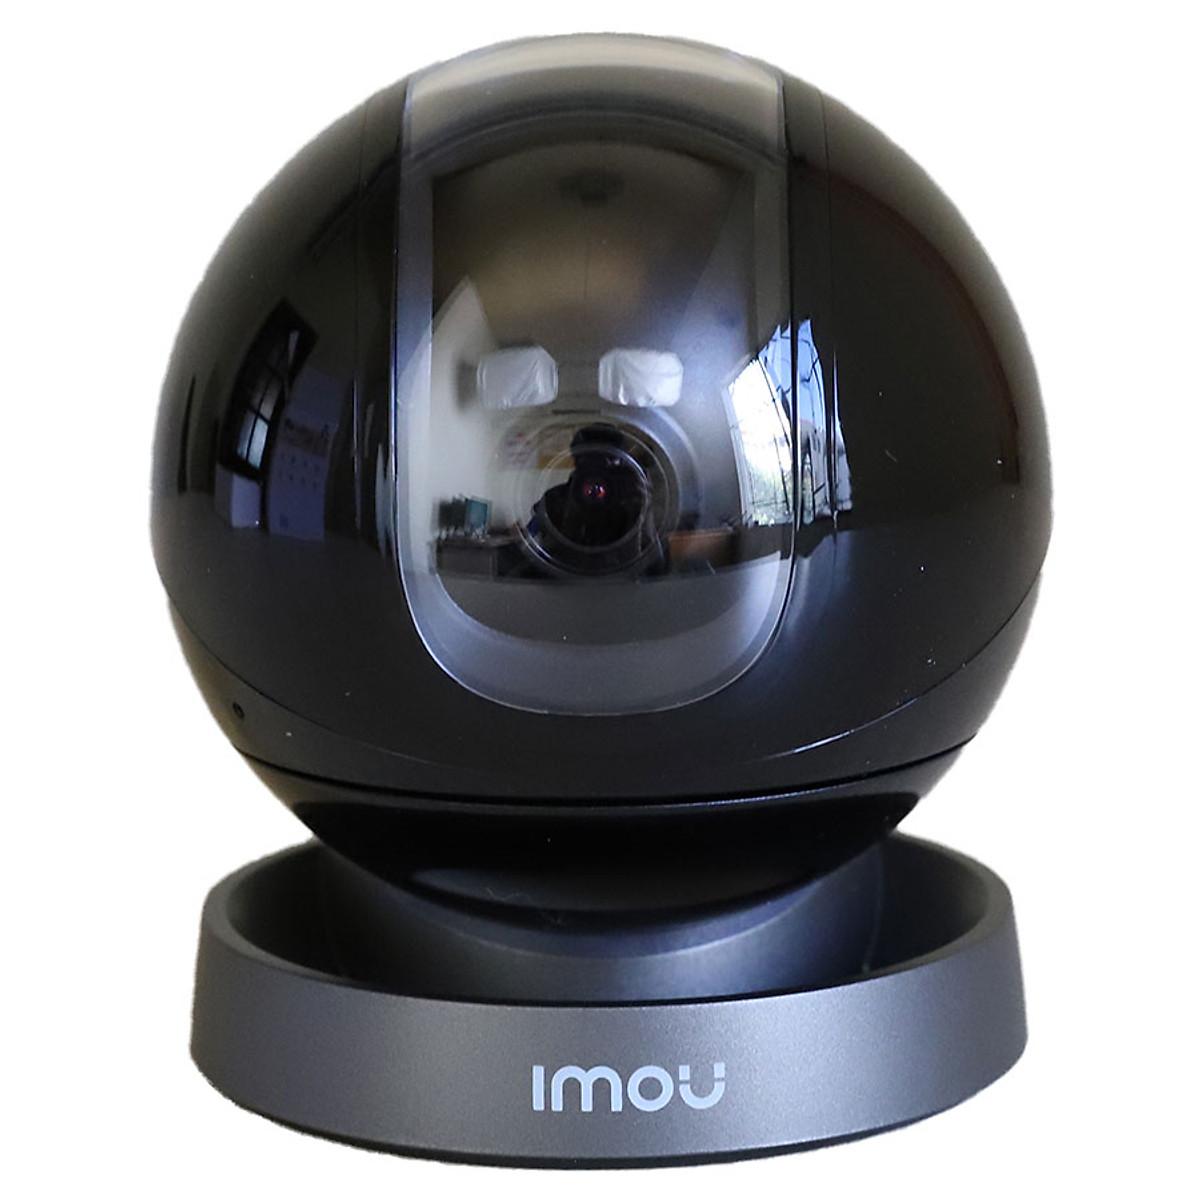 Camera Giám Sát Dahua – Imou Ranger Pro IPC- A26( Đàm Thoại 2 Chiều, Theo Dõi Chuyển Động)- Hàng Chính Hãng